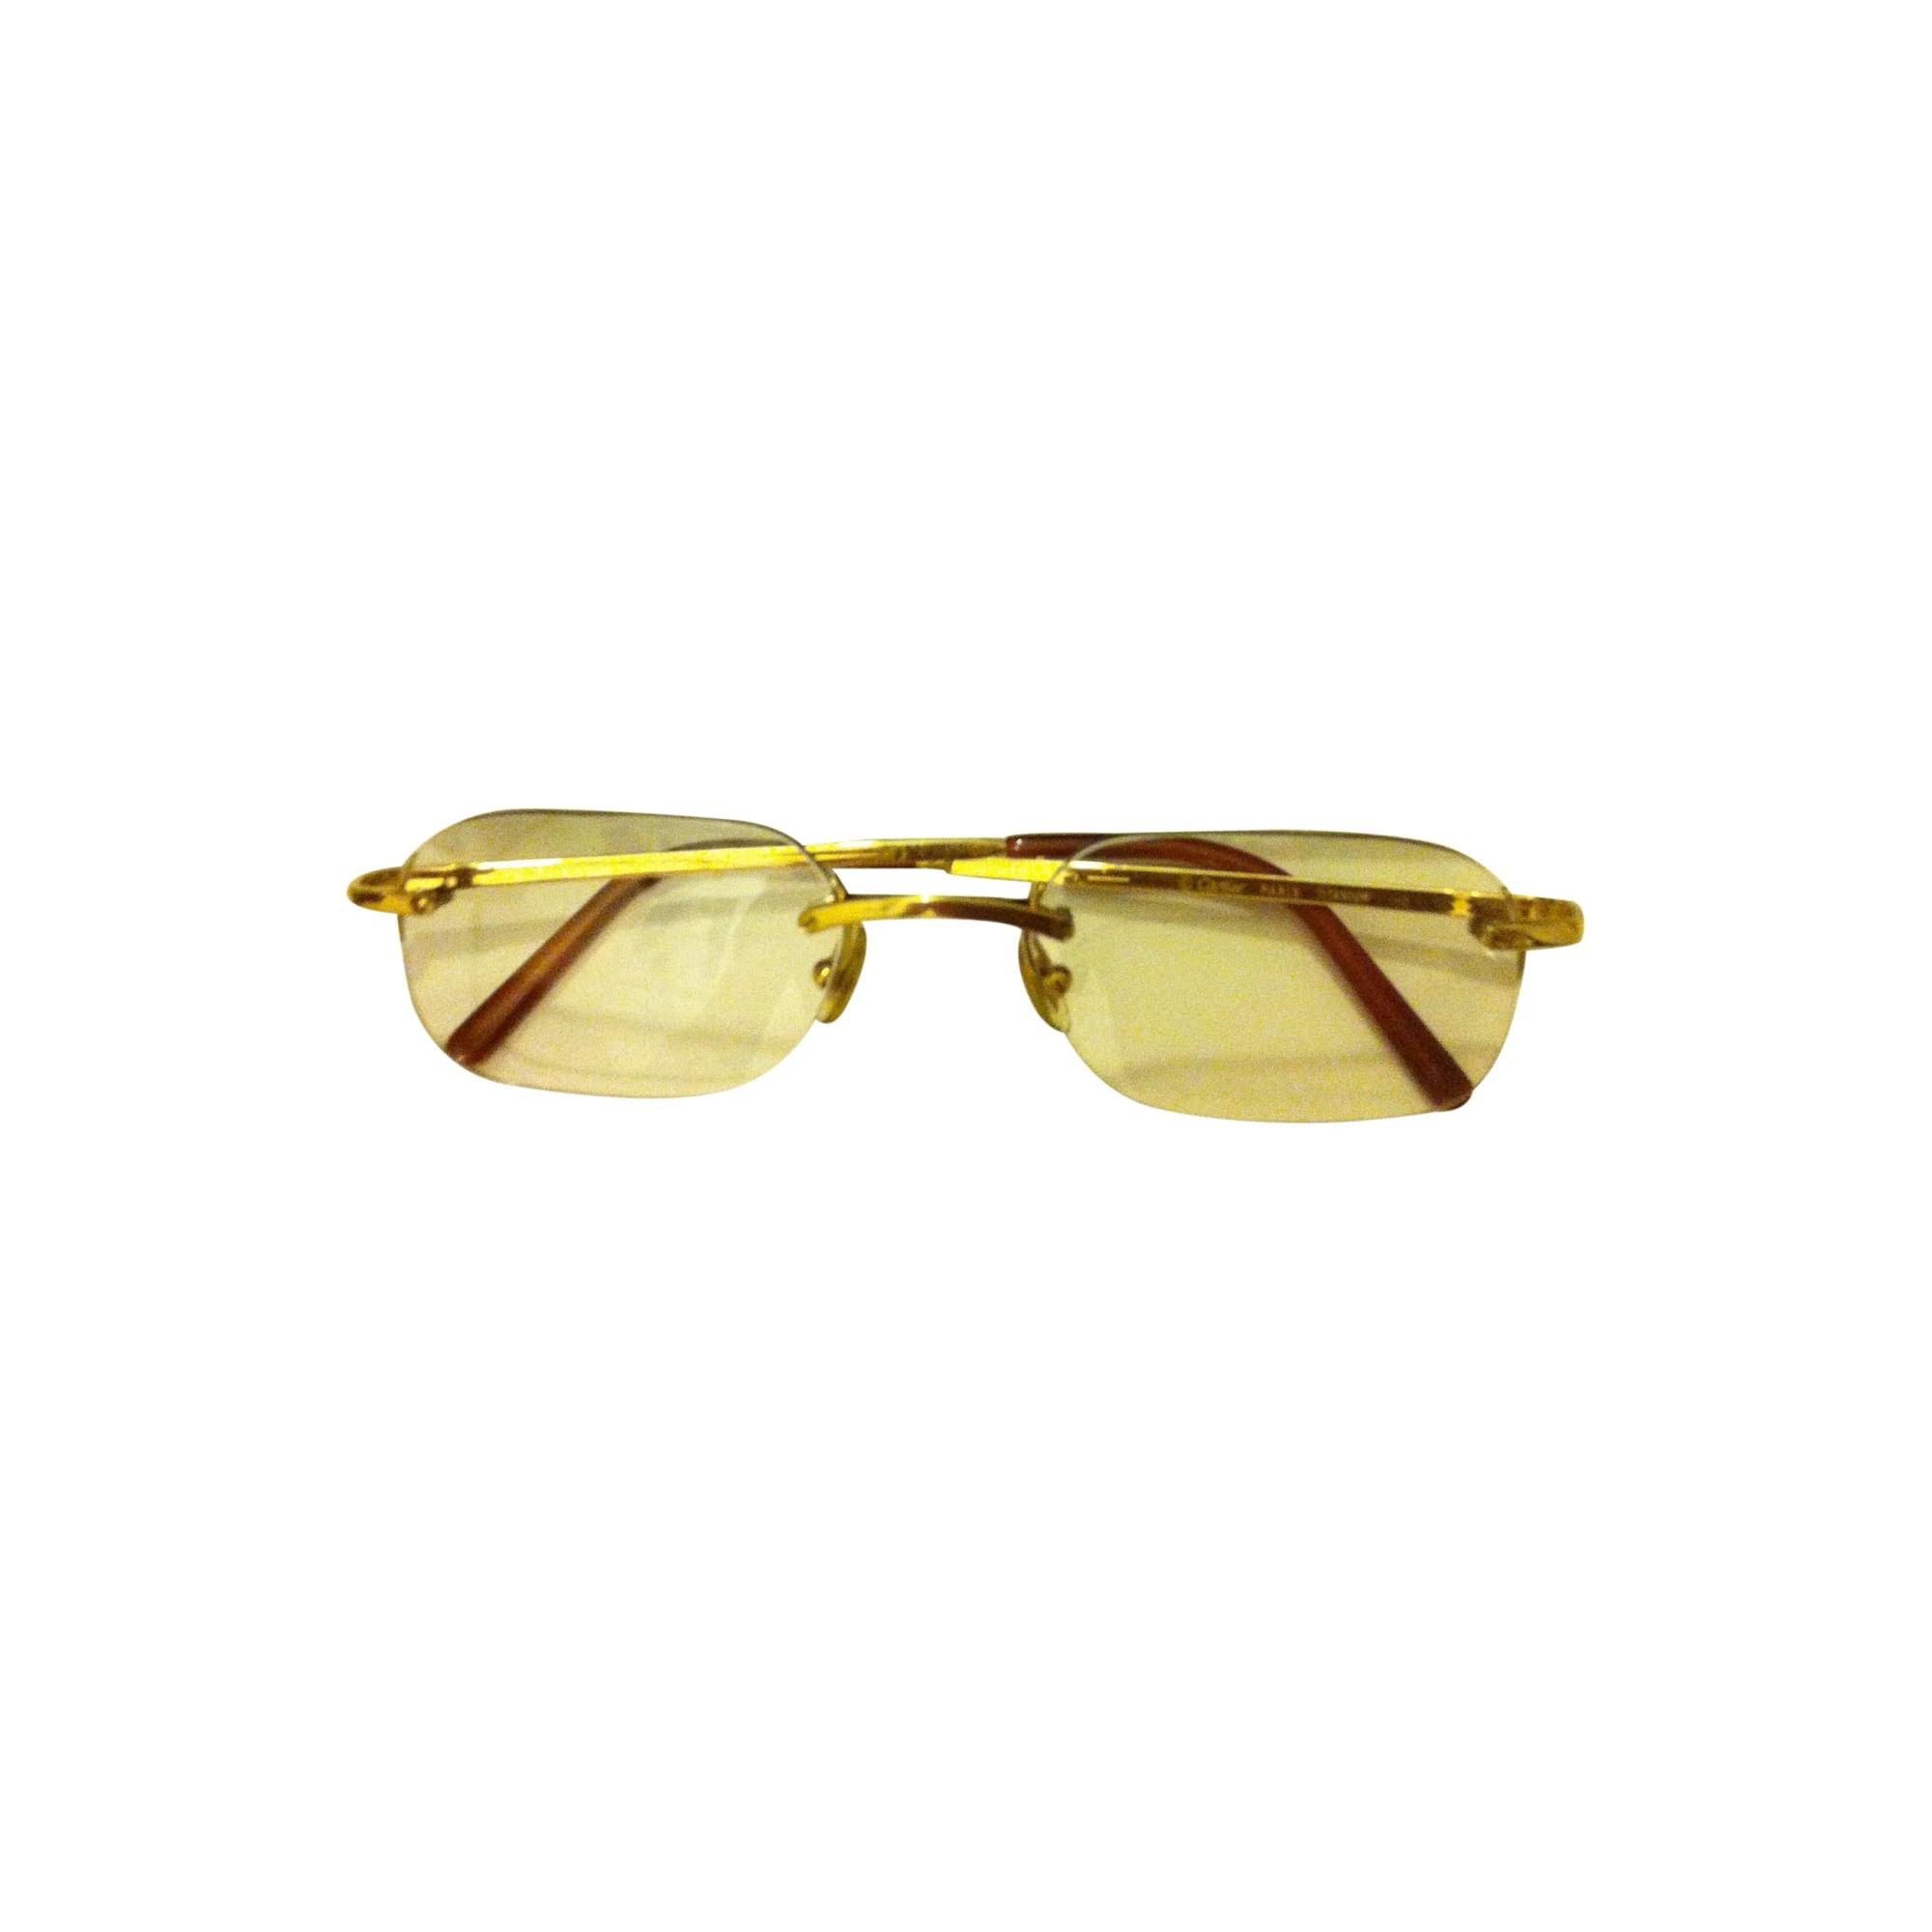 40d03436754 Lunettes de soleil CARTIER doré vendu par Lilia 1177375 - 734191